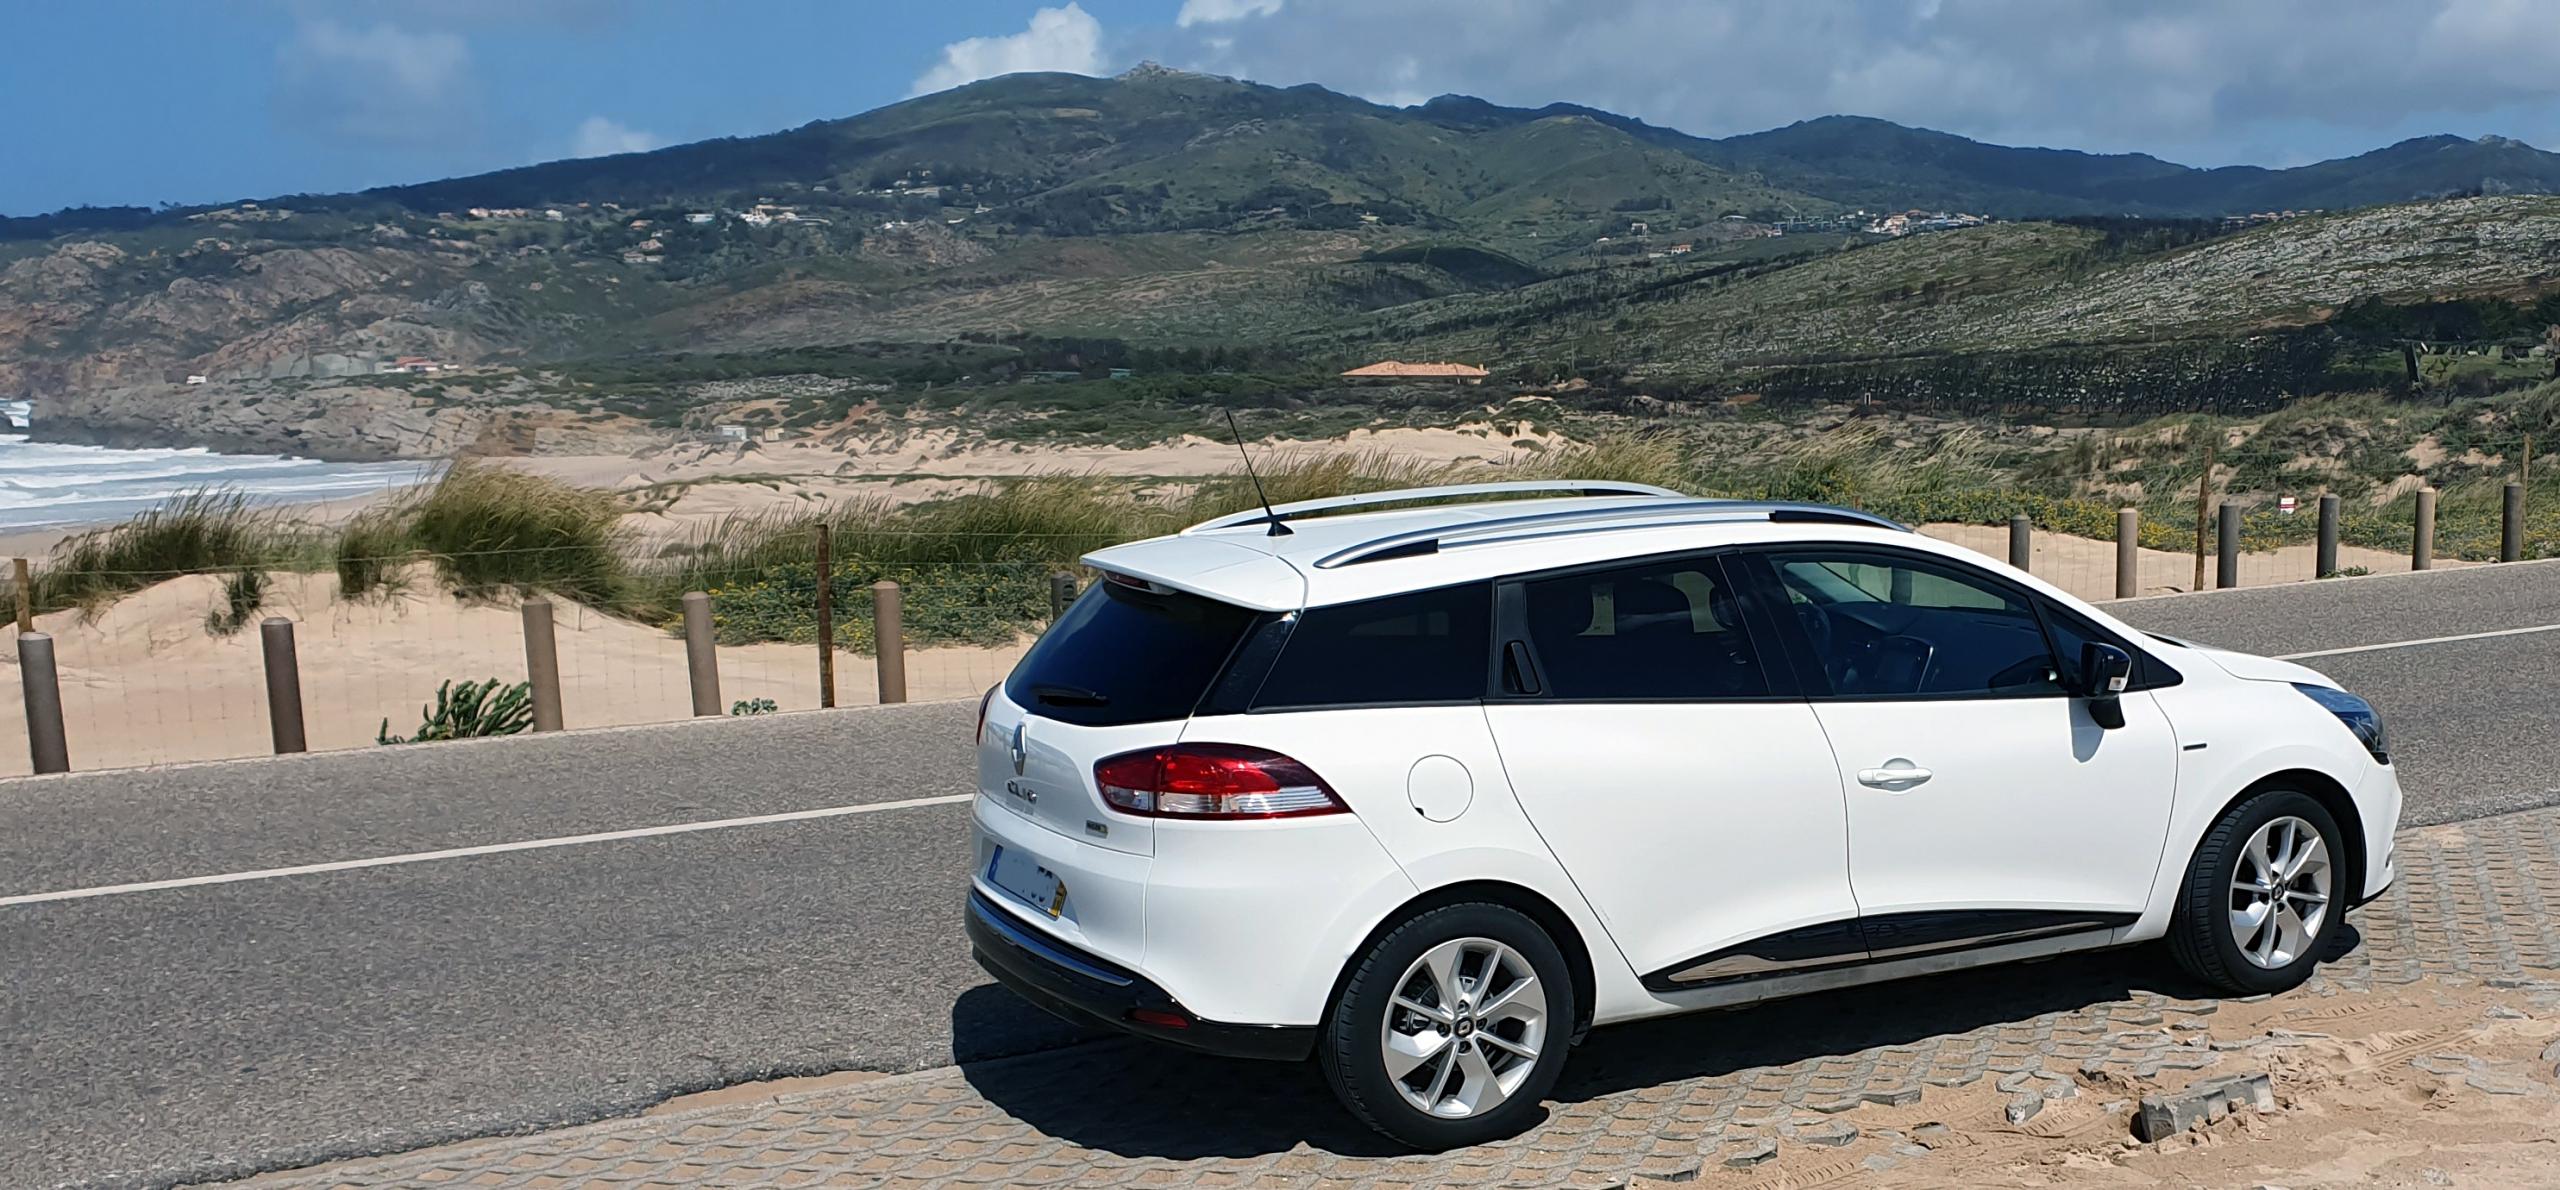 Mietwagen Portugal Tipps Preise 2020